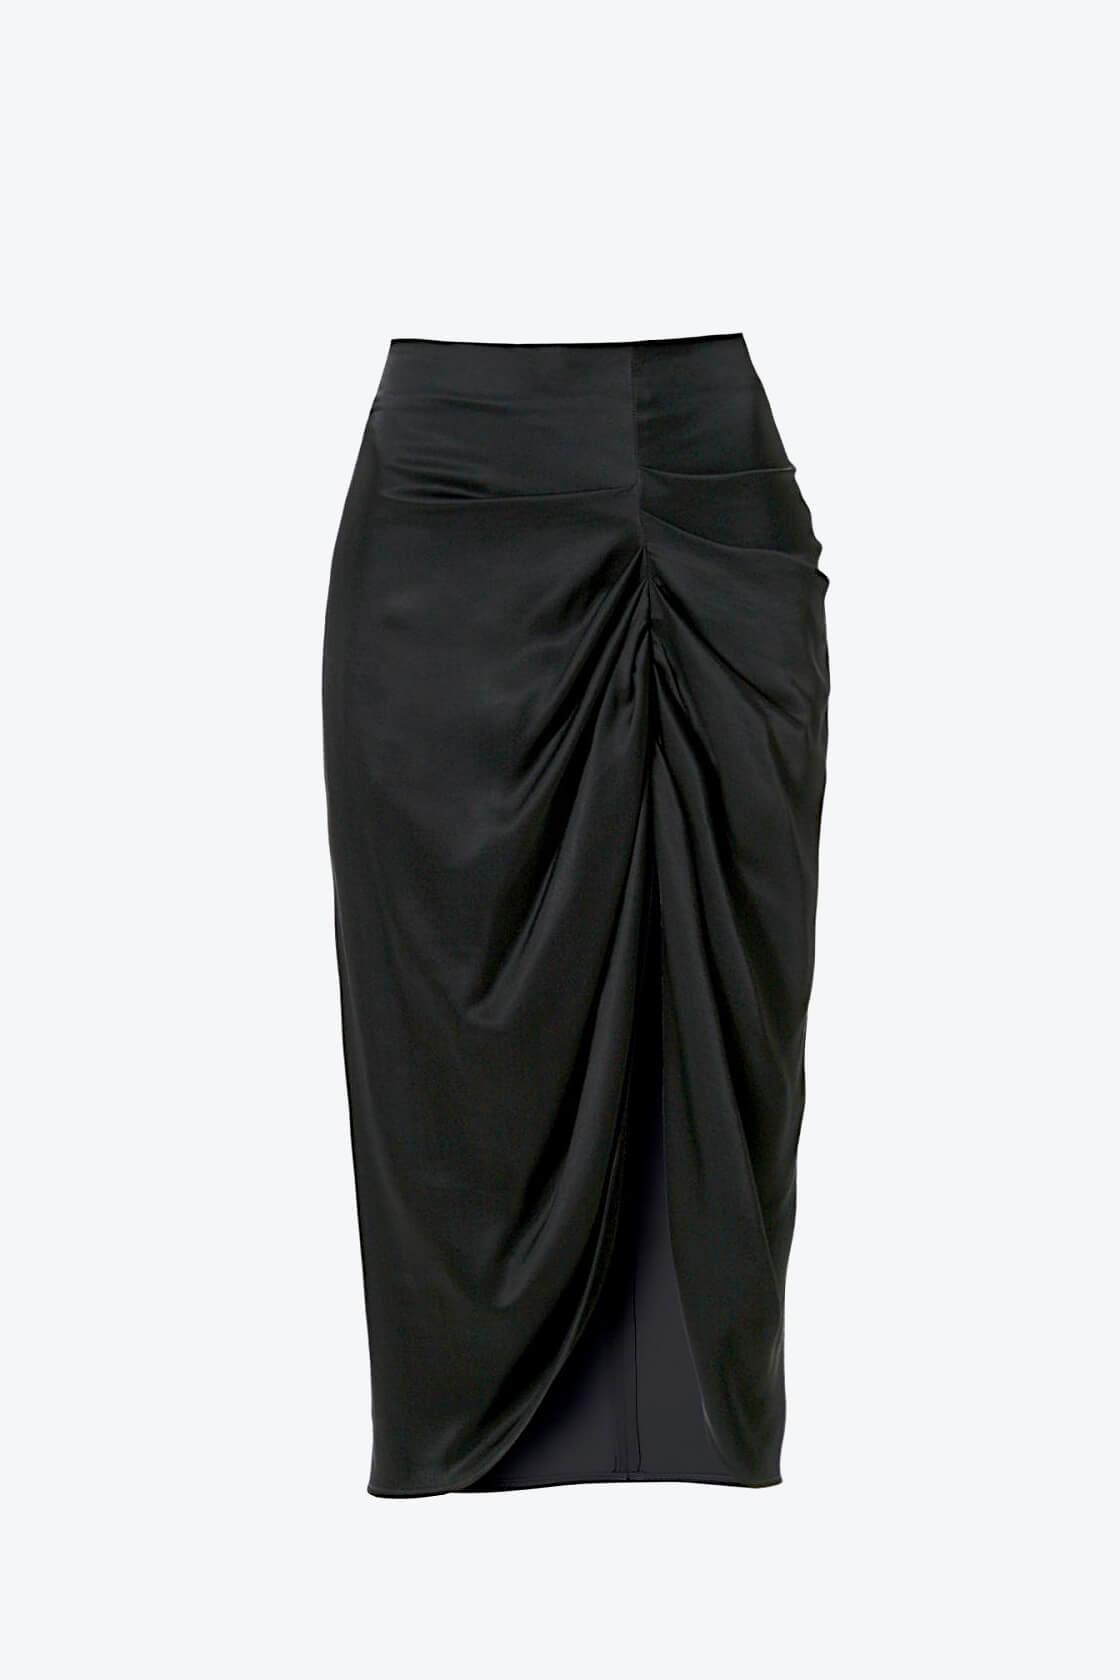 OL100002567 Skirt Katy Glossy Black1